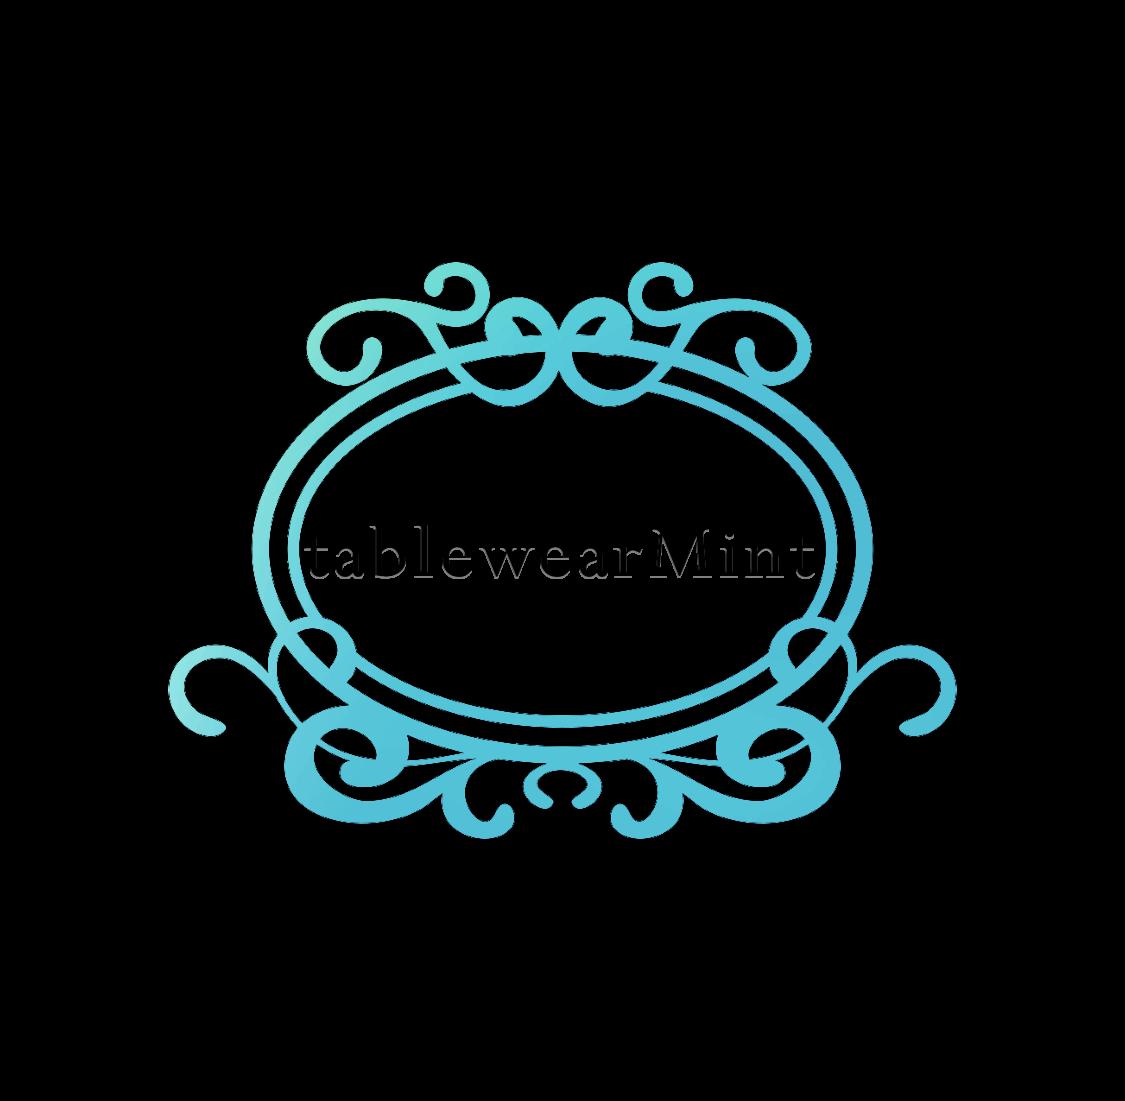 オシャレな和食器・洋食器の通販専門店 tablewareMint